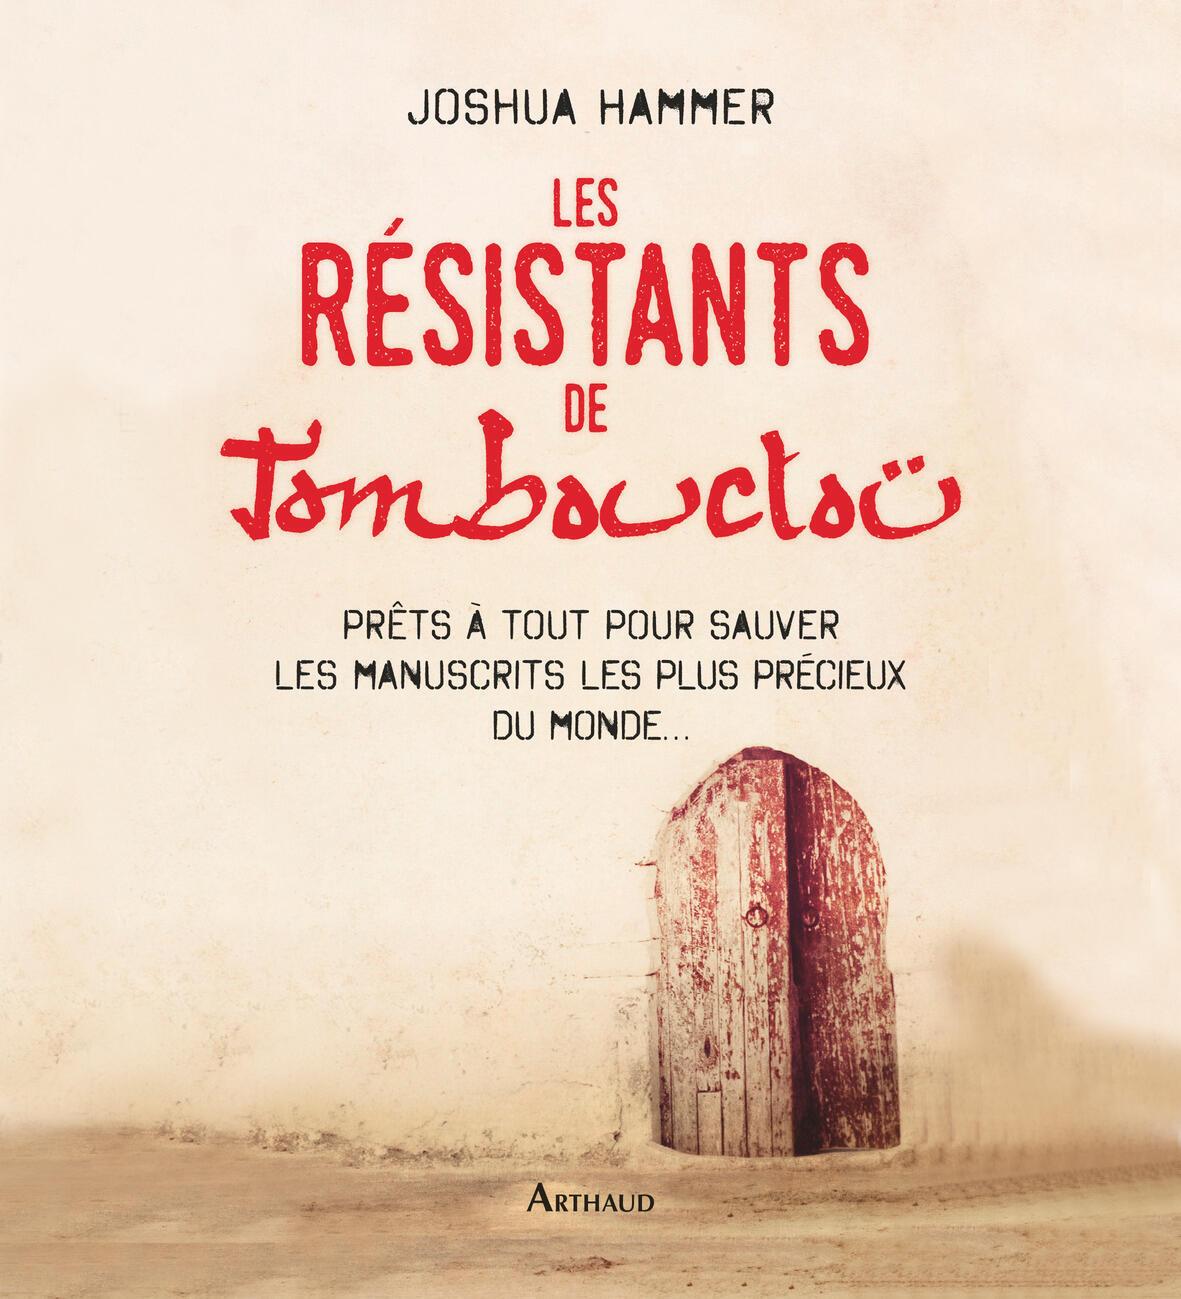 <i>Les résistants de Tombouctou. Prêts à tout pour sauver les manuscrits les plus précieux du monde…, </i>paru aux Editions Arthaud.